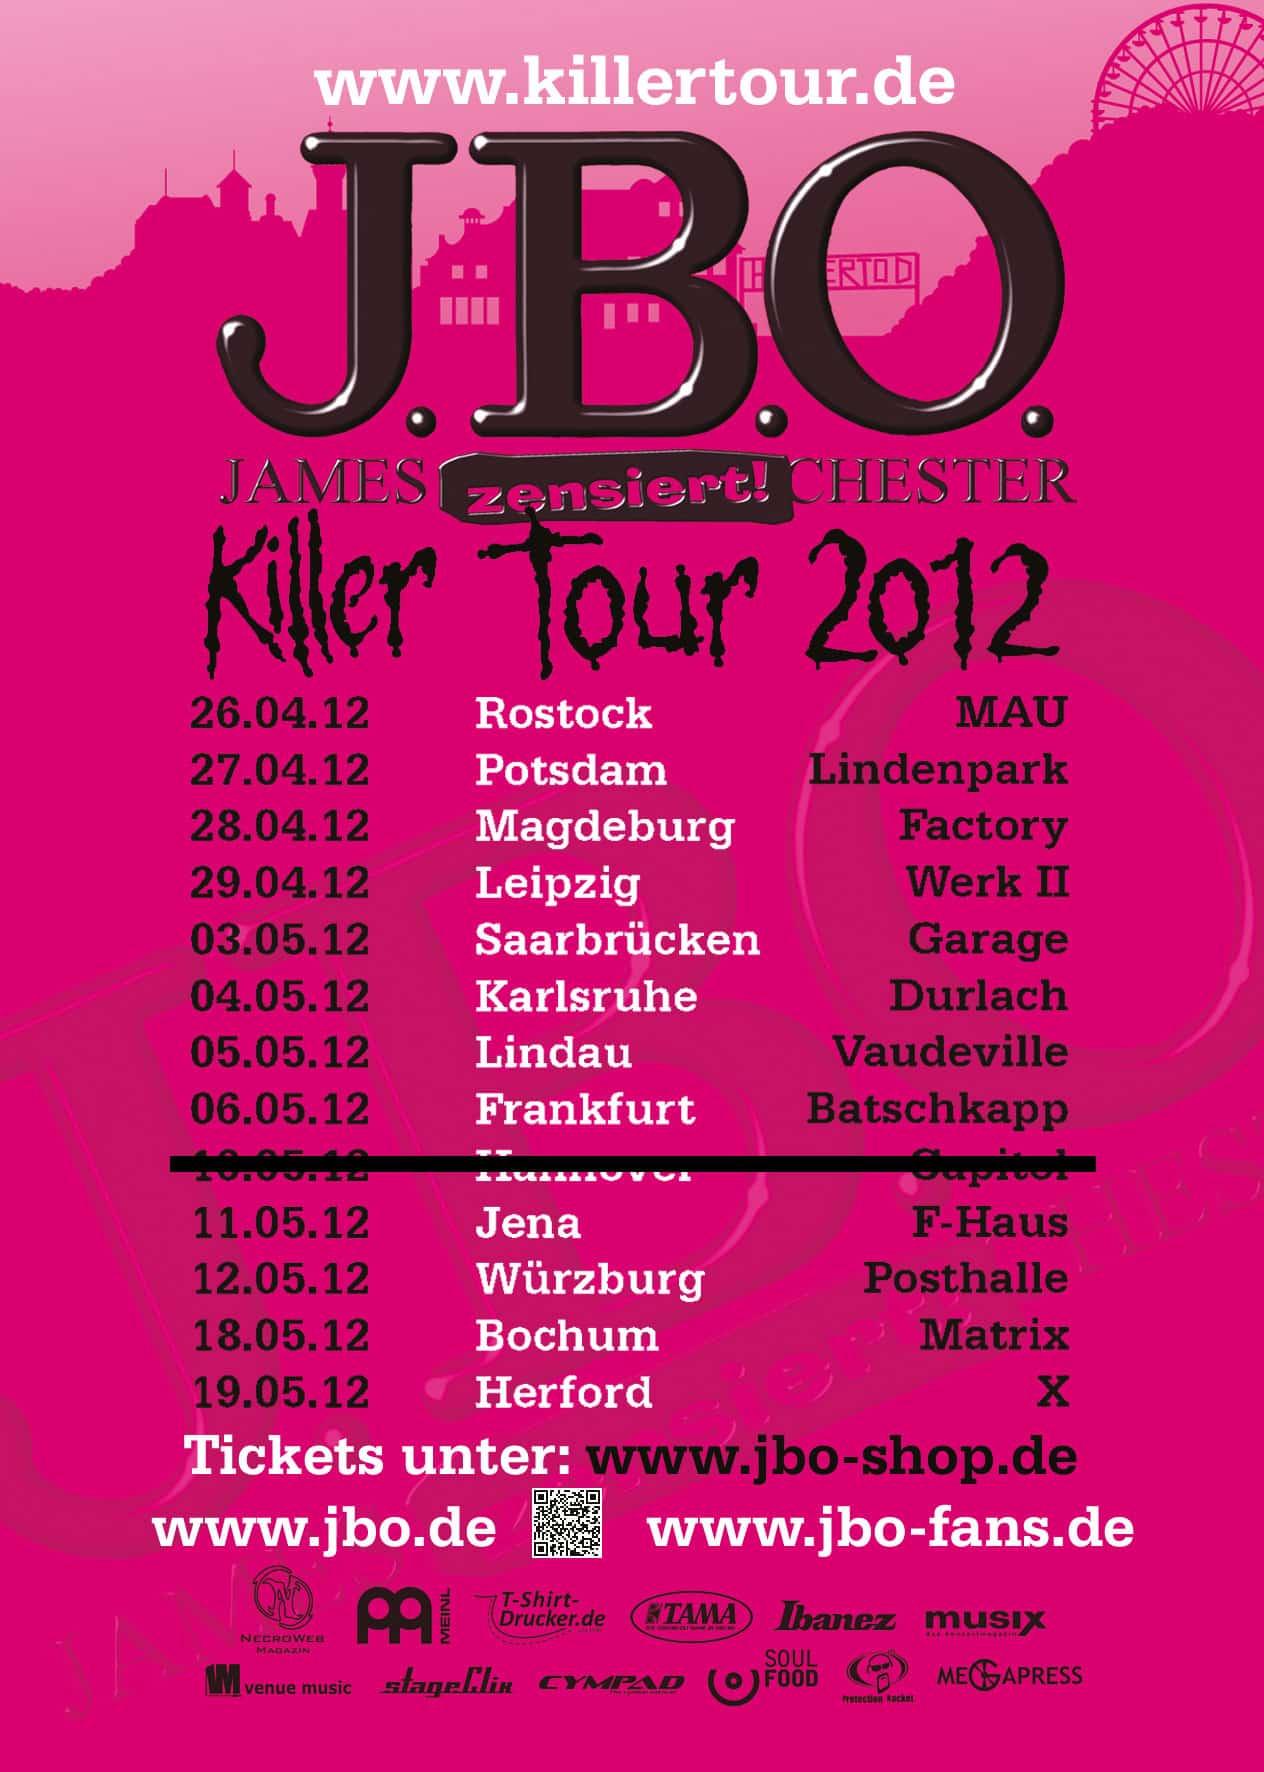 J.B.O. müssen ersten Block der Killer-Tour 2012 verschieben